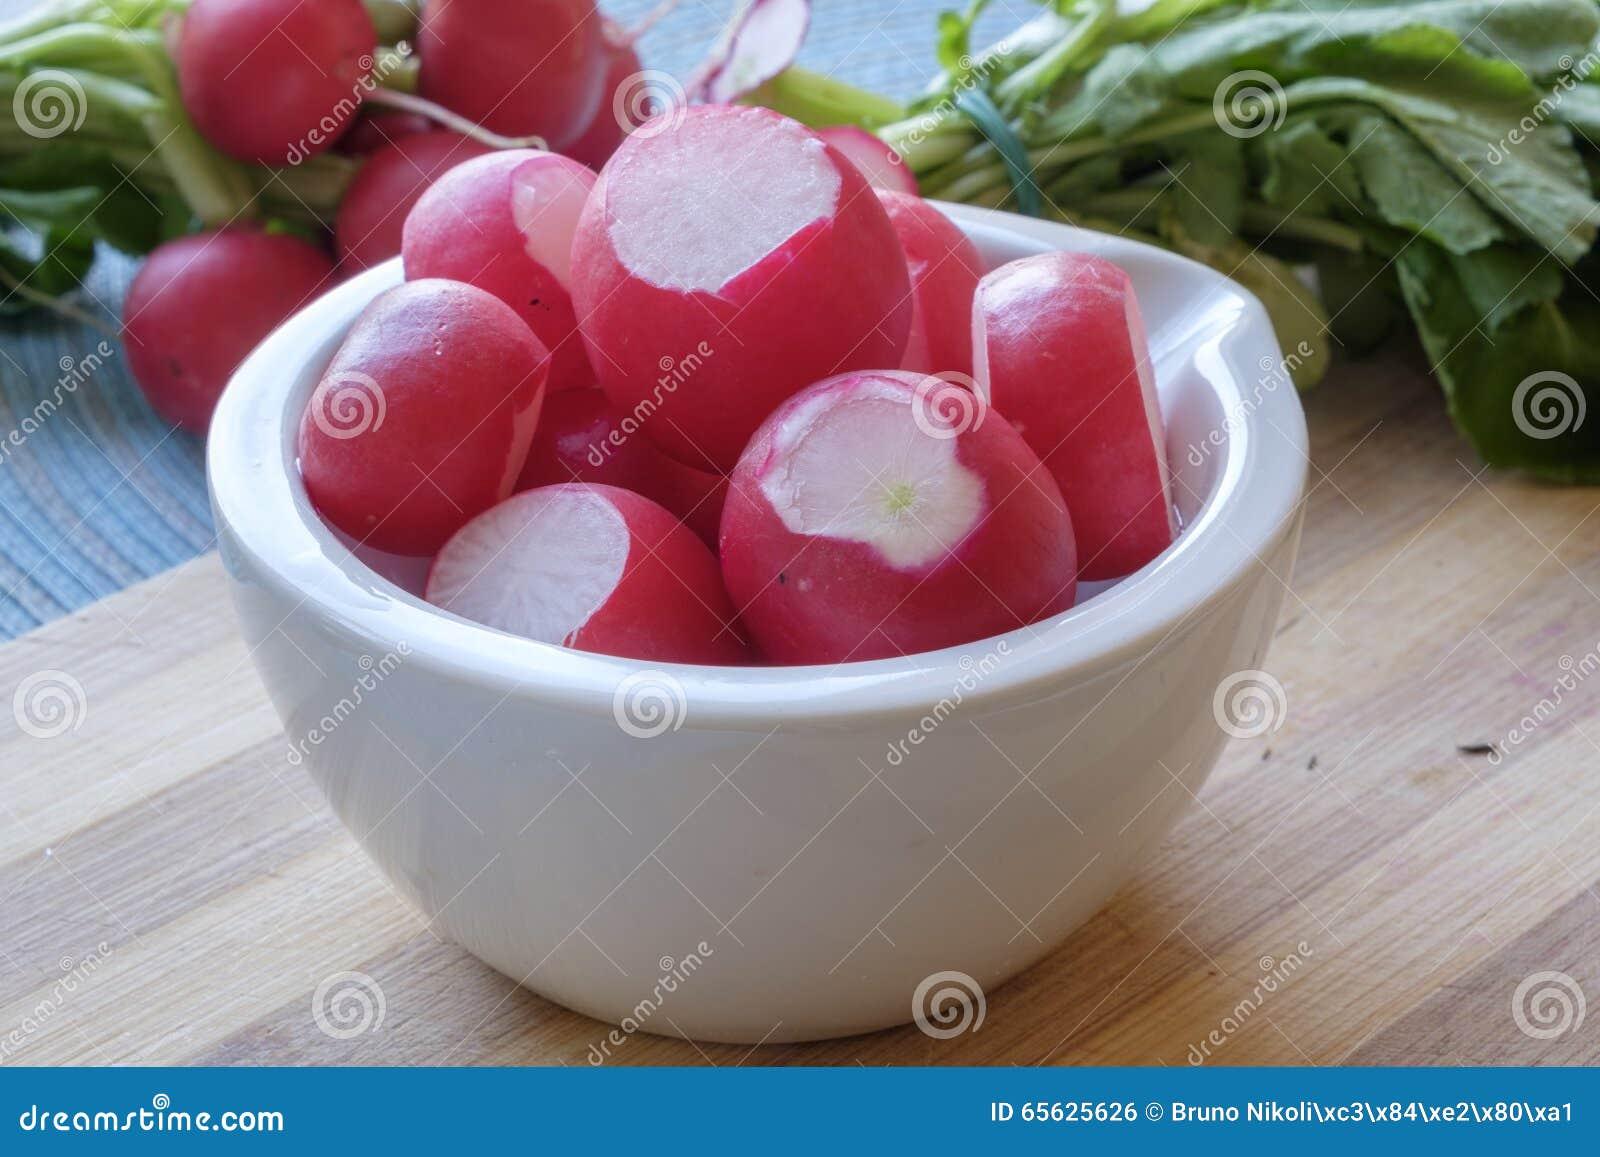 Les radis rouges dans une cuvette en céramique blanche aménagent serré en parc latéral